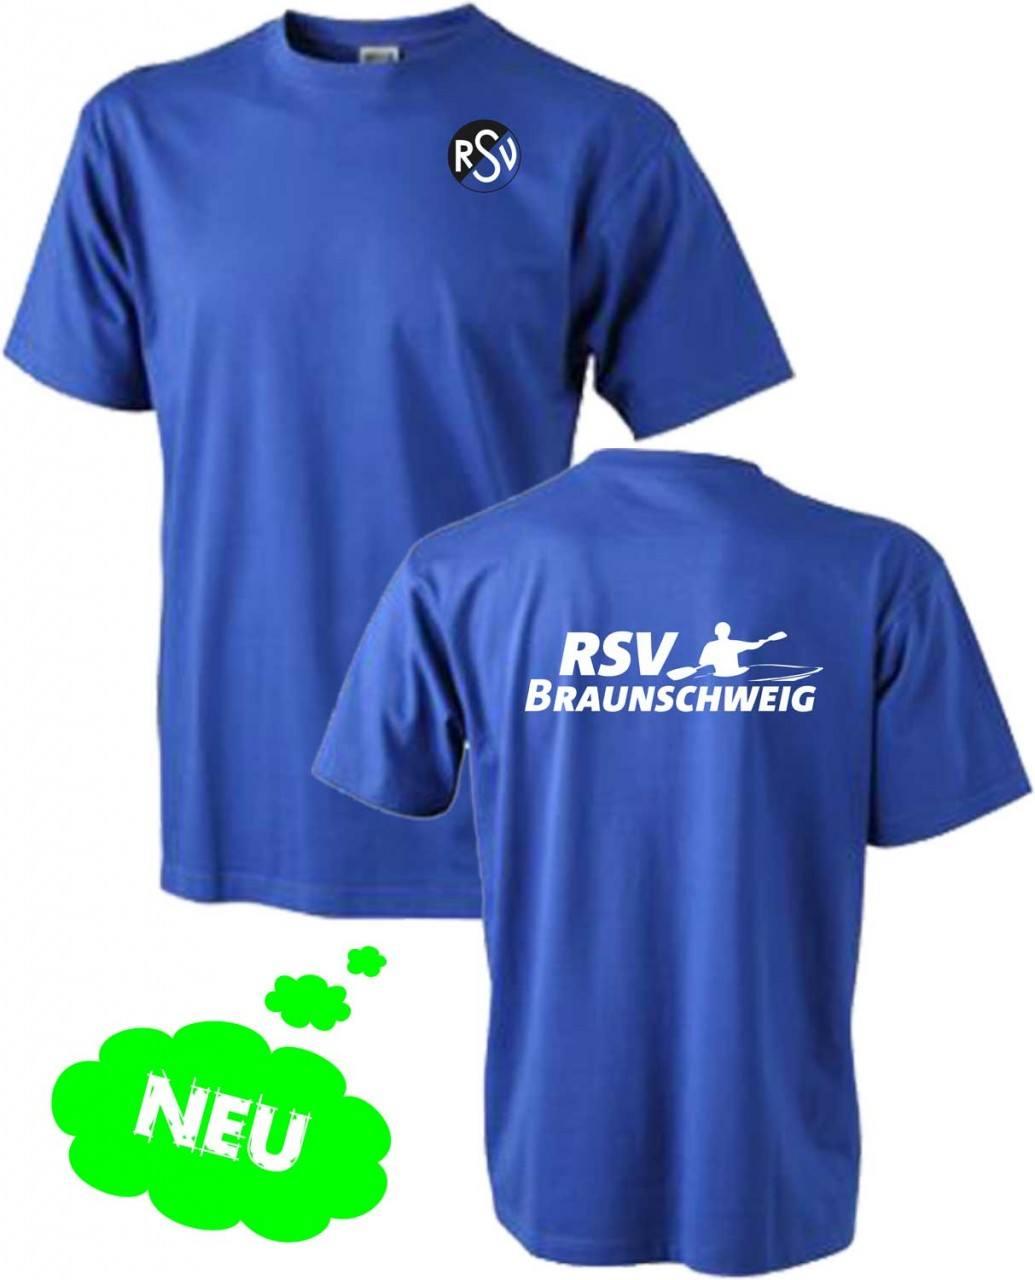 RSV Braunschweig SLALOM Kids-Shirt JN019 bei TDruck.de - Freizeitmode